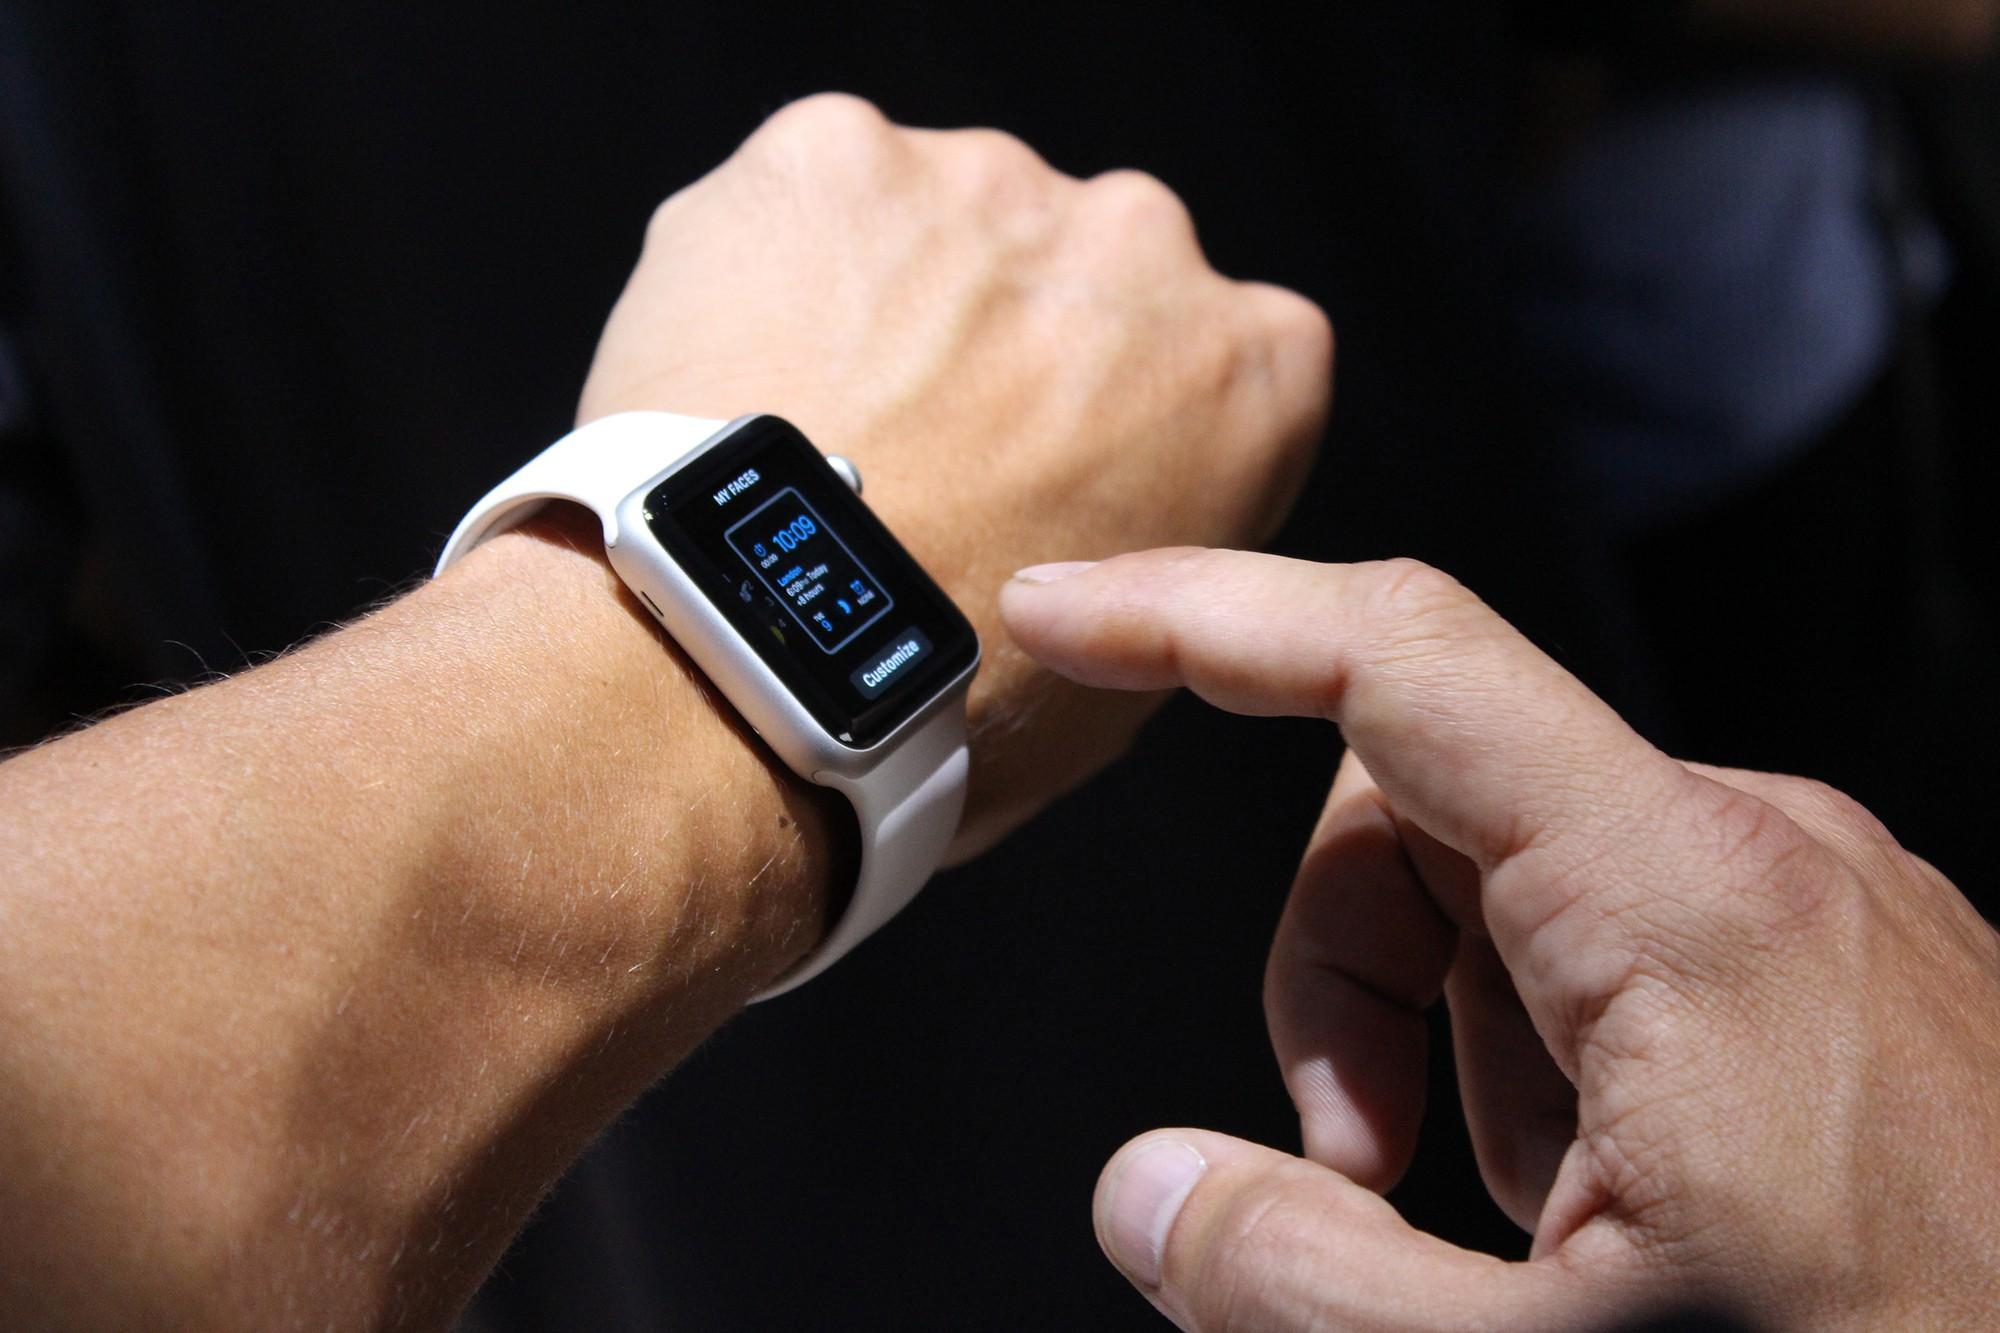 apple watch -  Apple Watch sẽ có mặt sau tết Nguyên Đán 2015